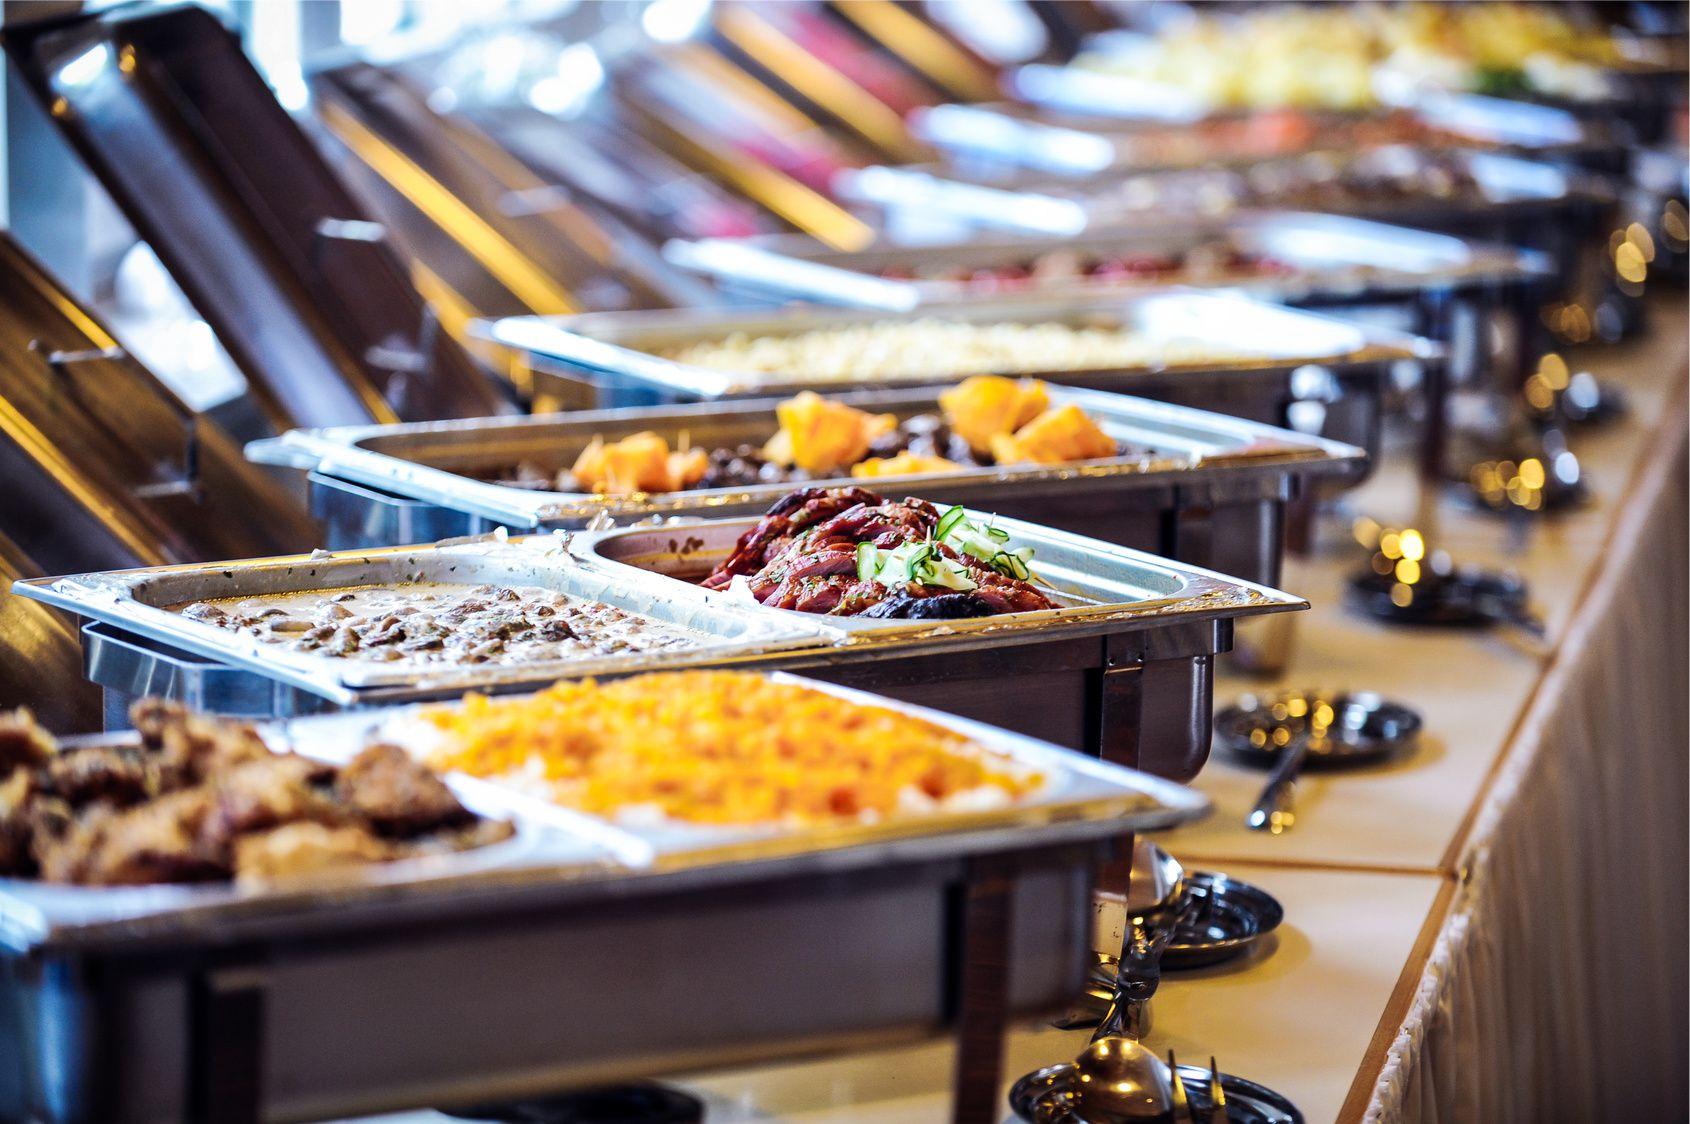 catering-Hauptbild0.jpg